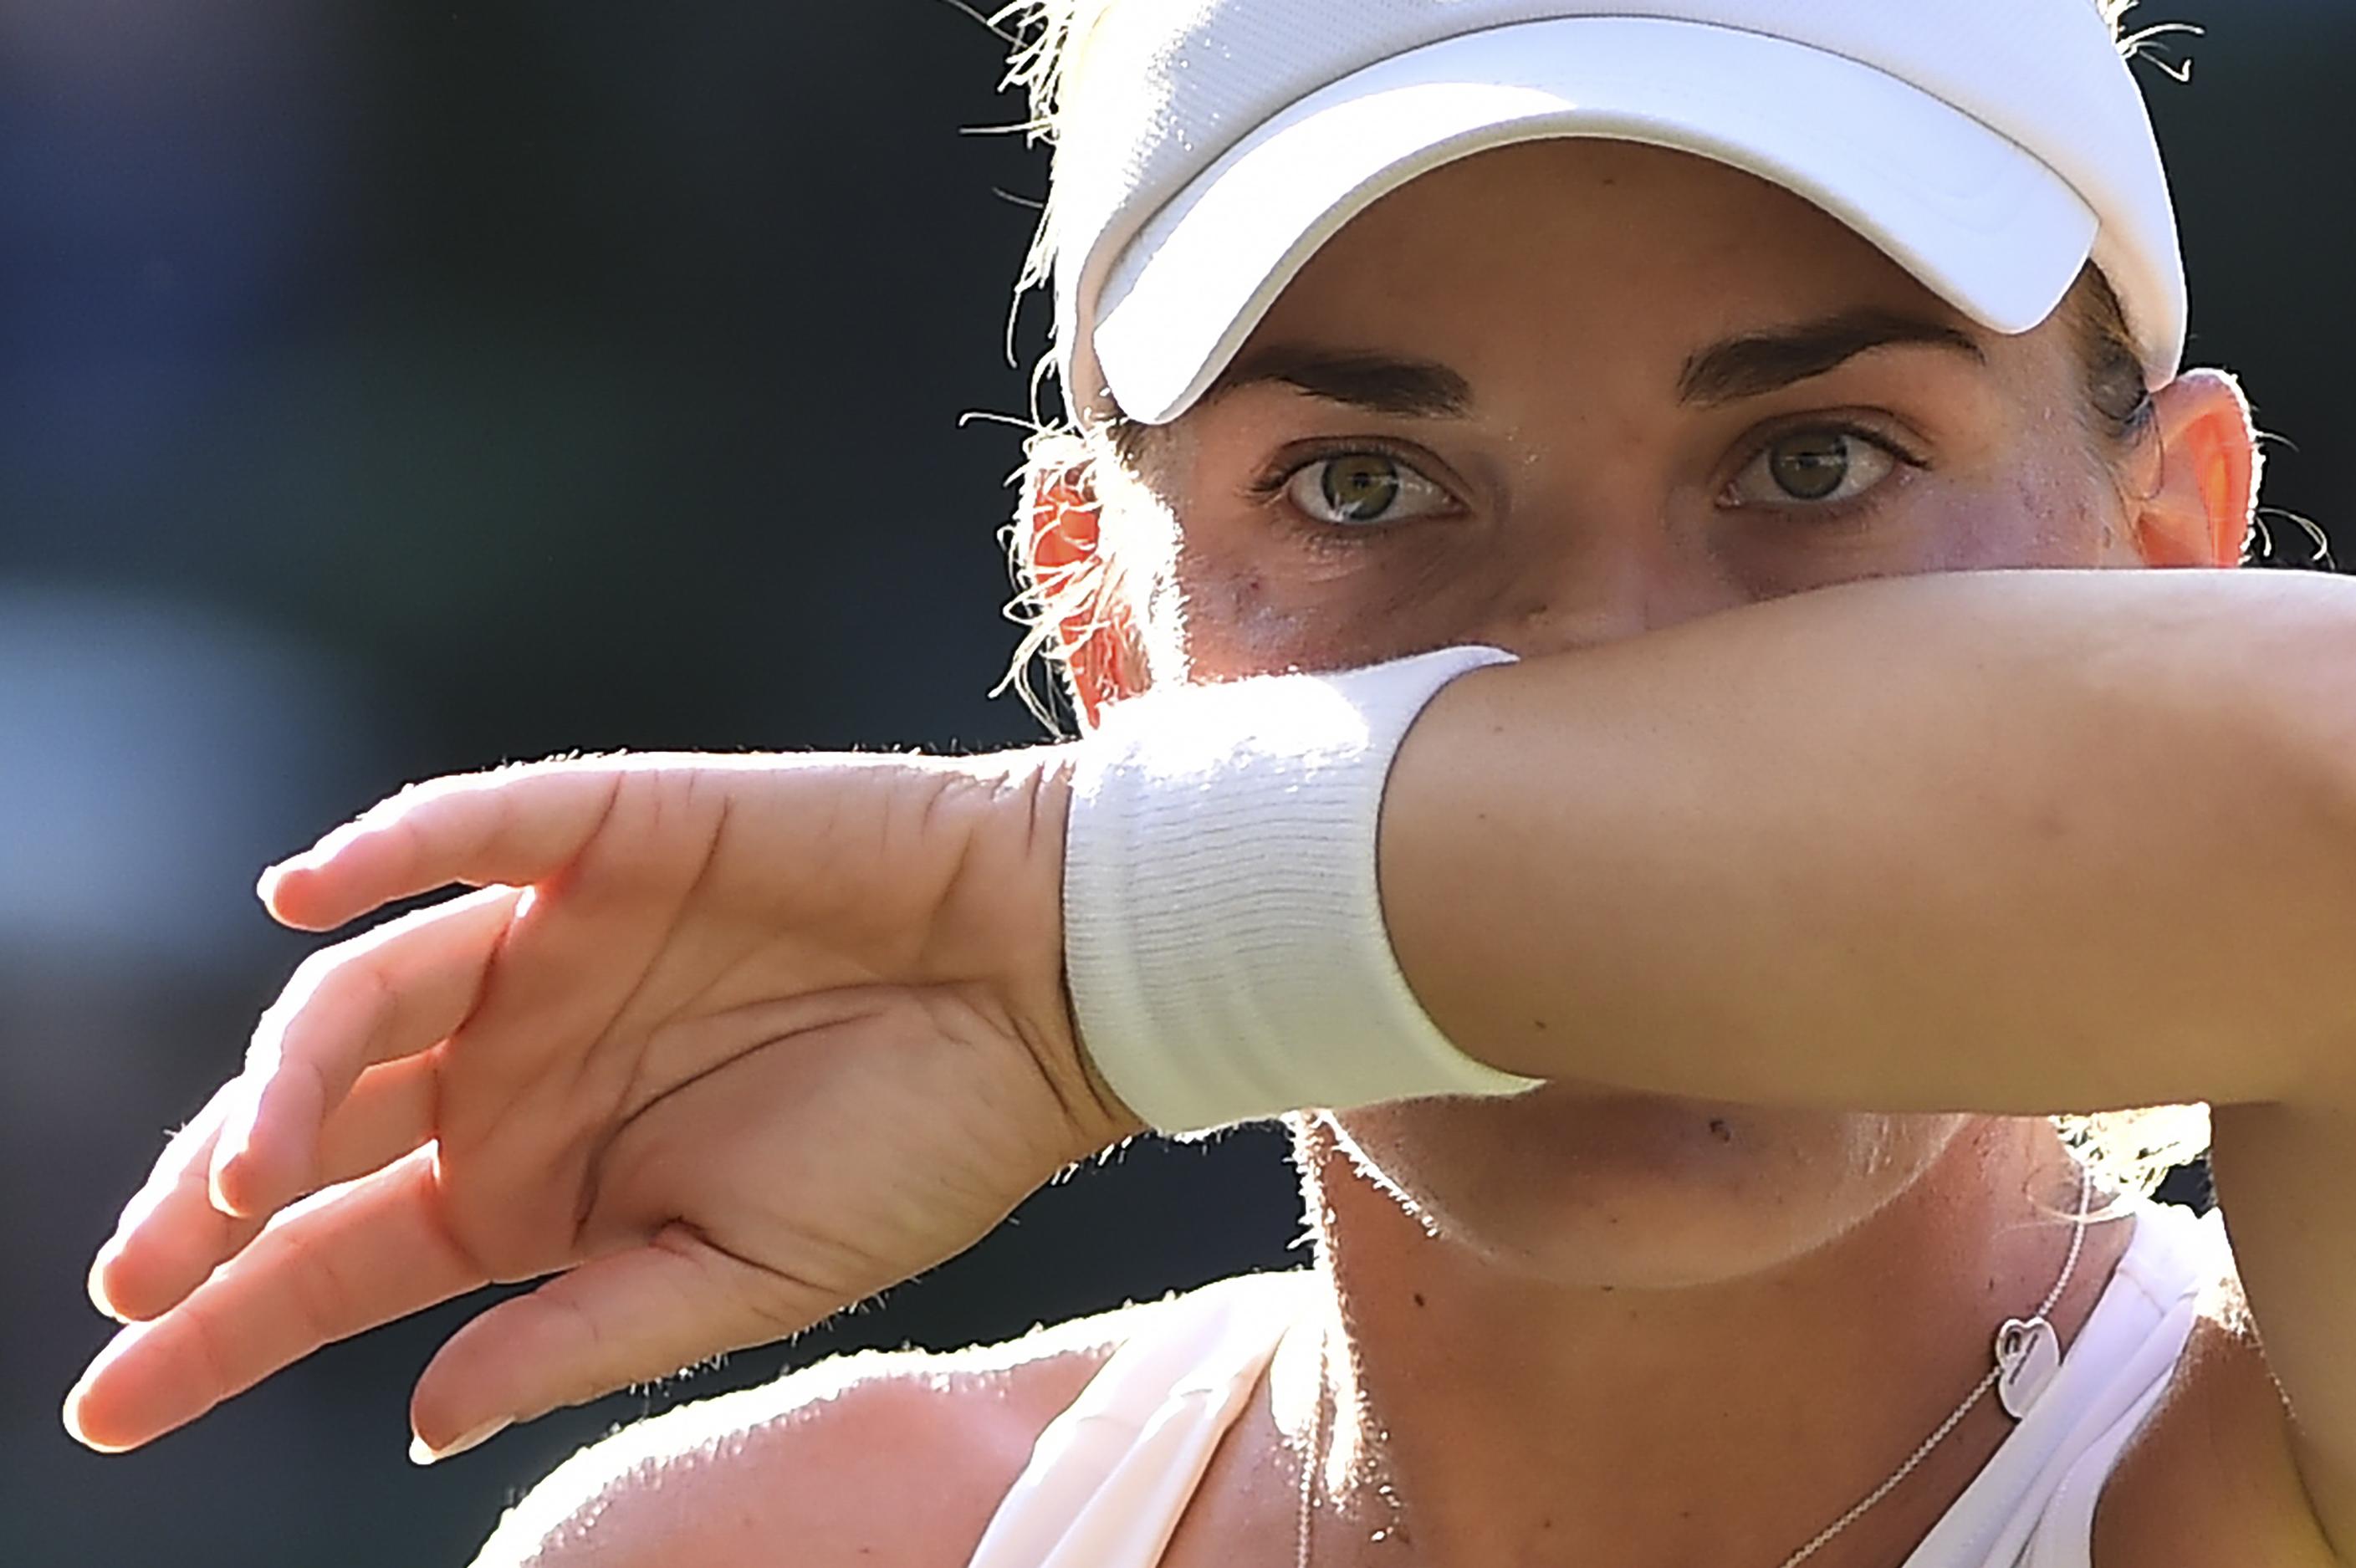 Negyeddöntőbe jutott Babos Tímea párosban az US Openen